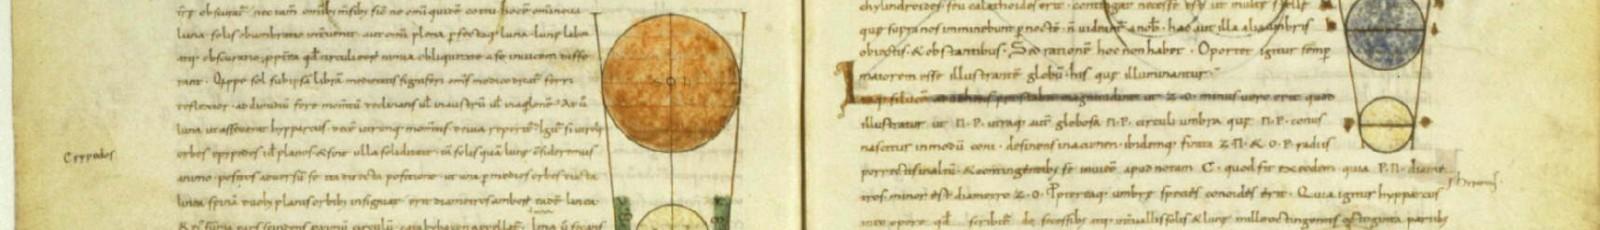 cropped-Timaeus_trans_calcidius_med_manuscript.jpg